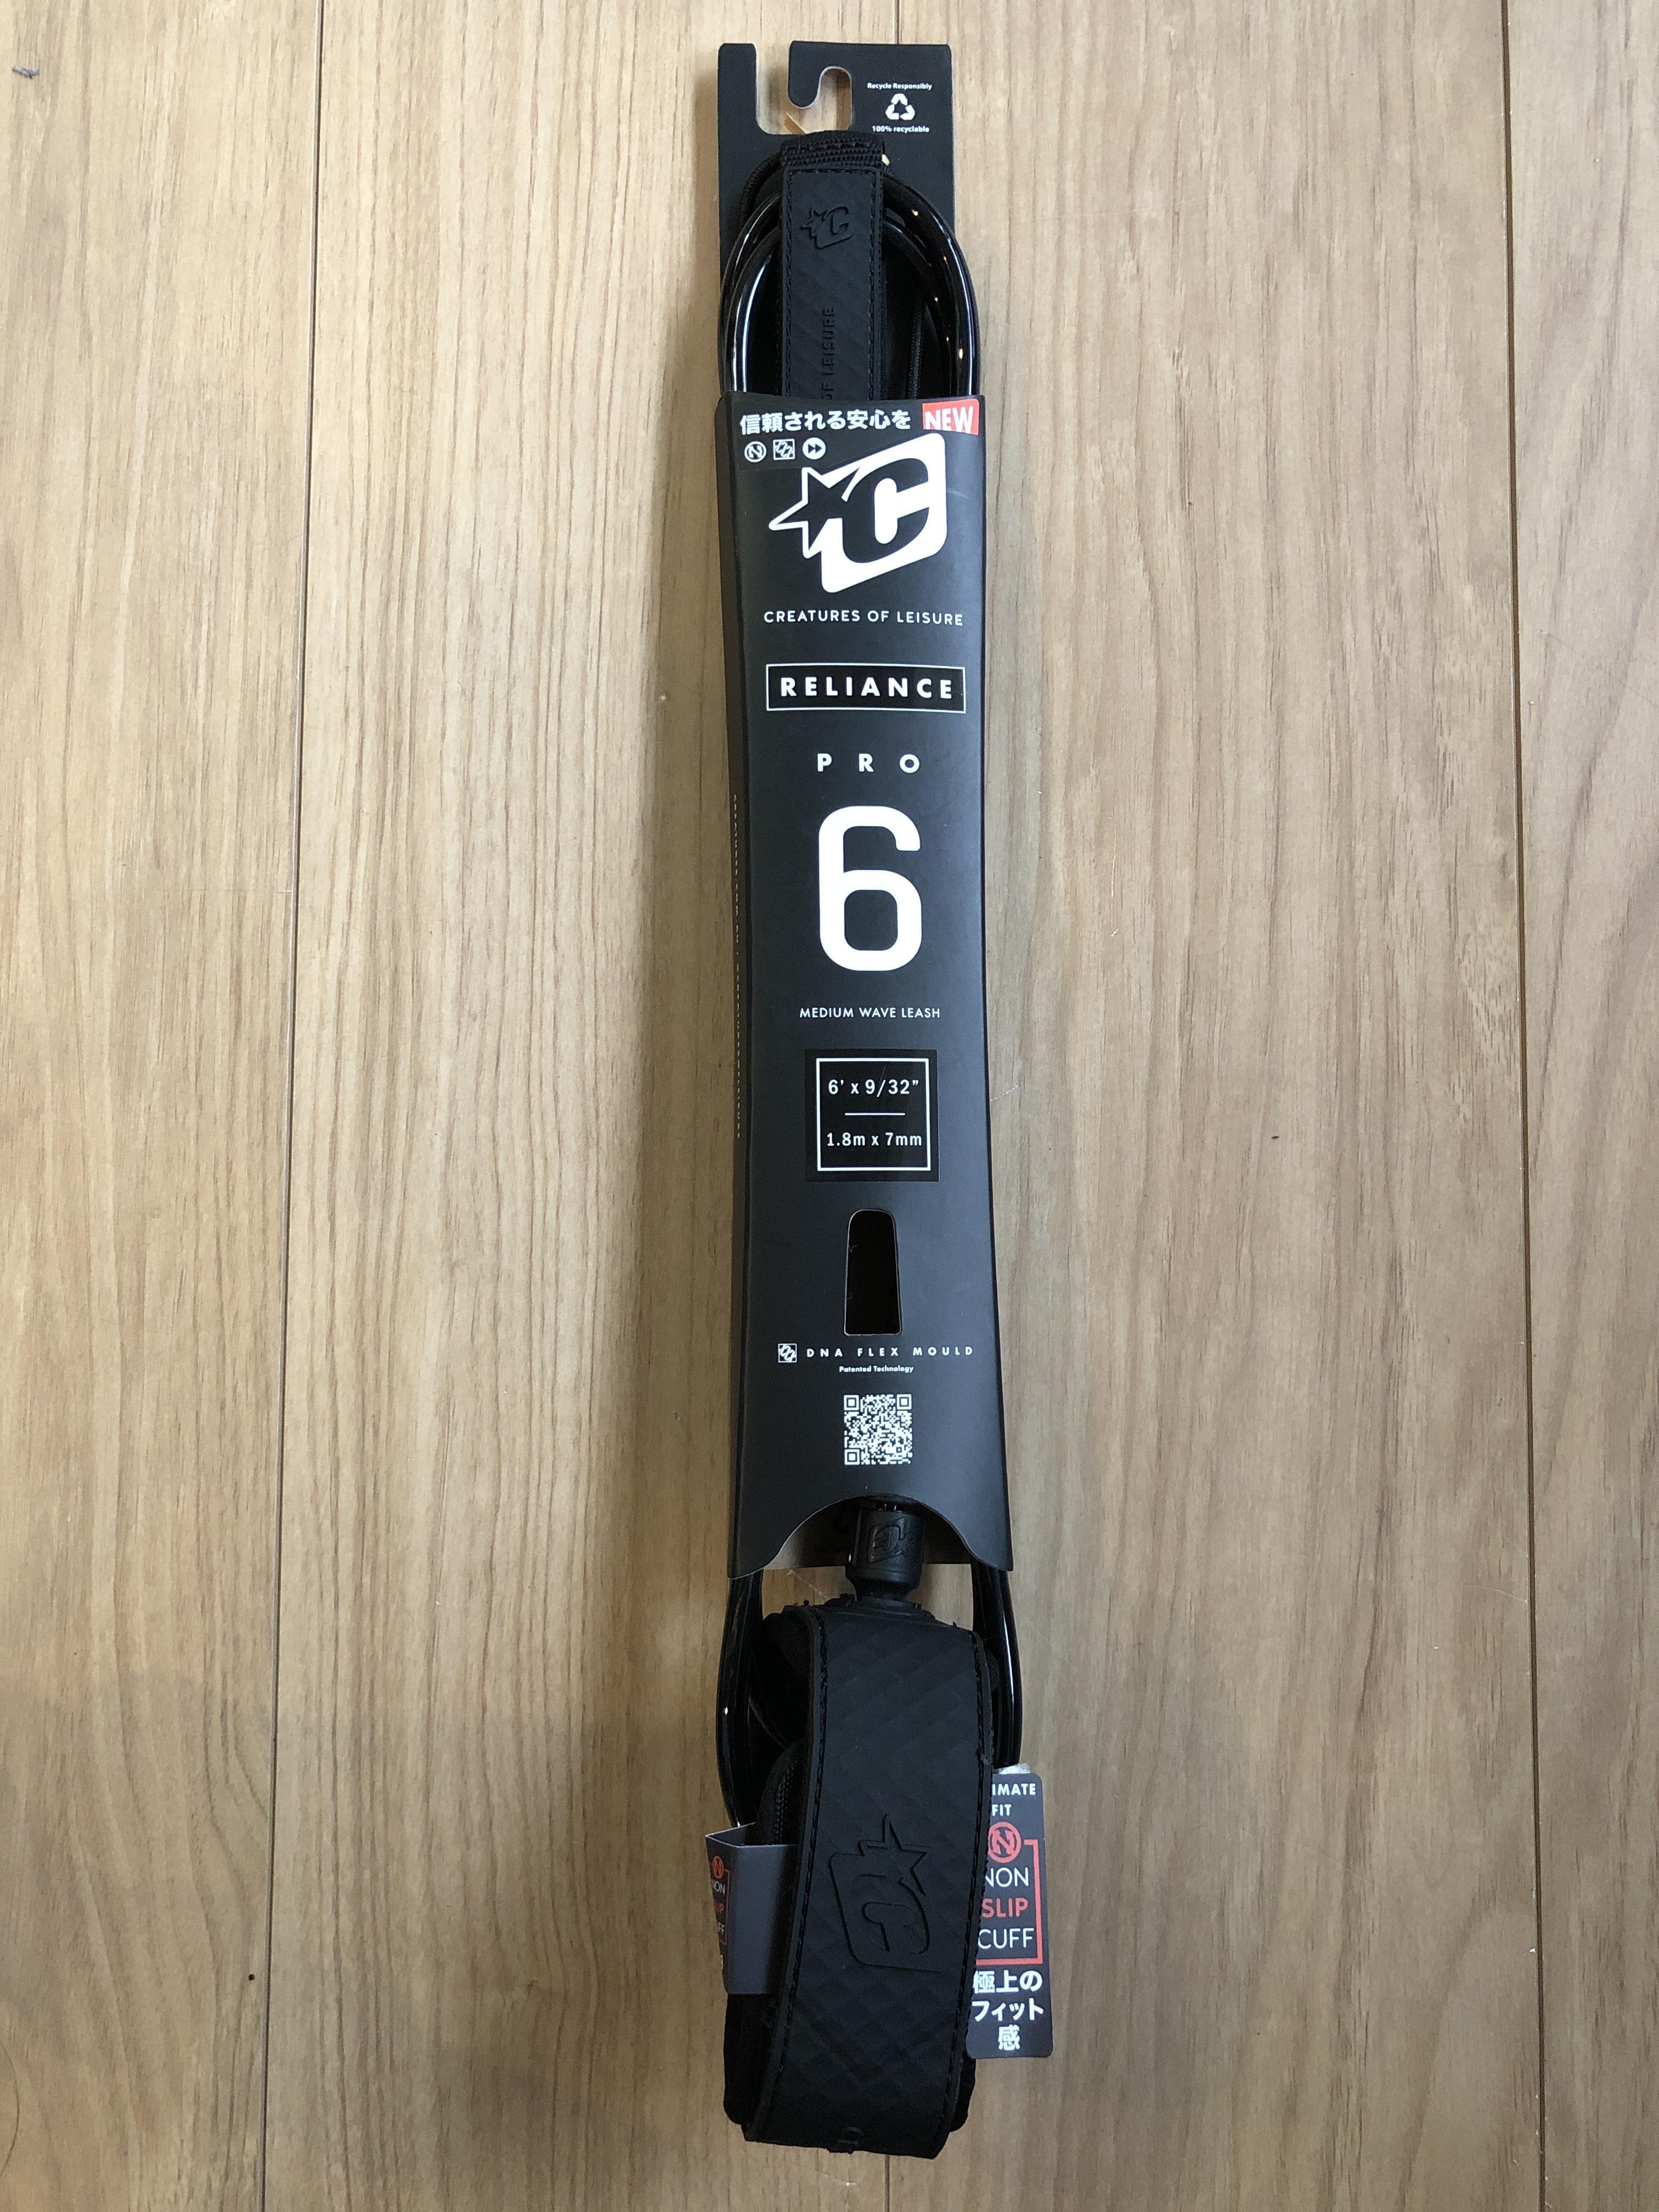 クリエイチャー リーシュコード プロ6 BLACKBLACK7mm